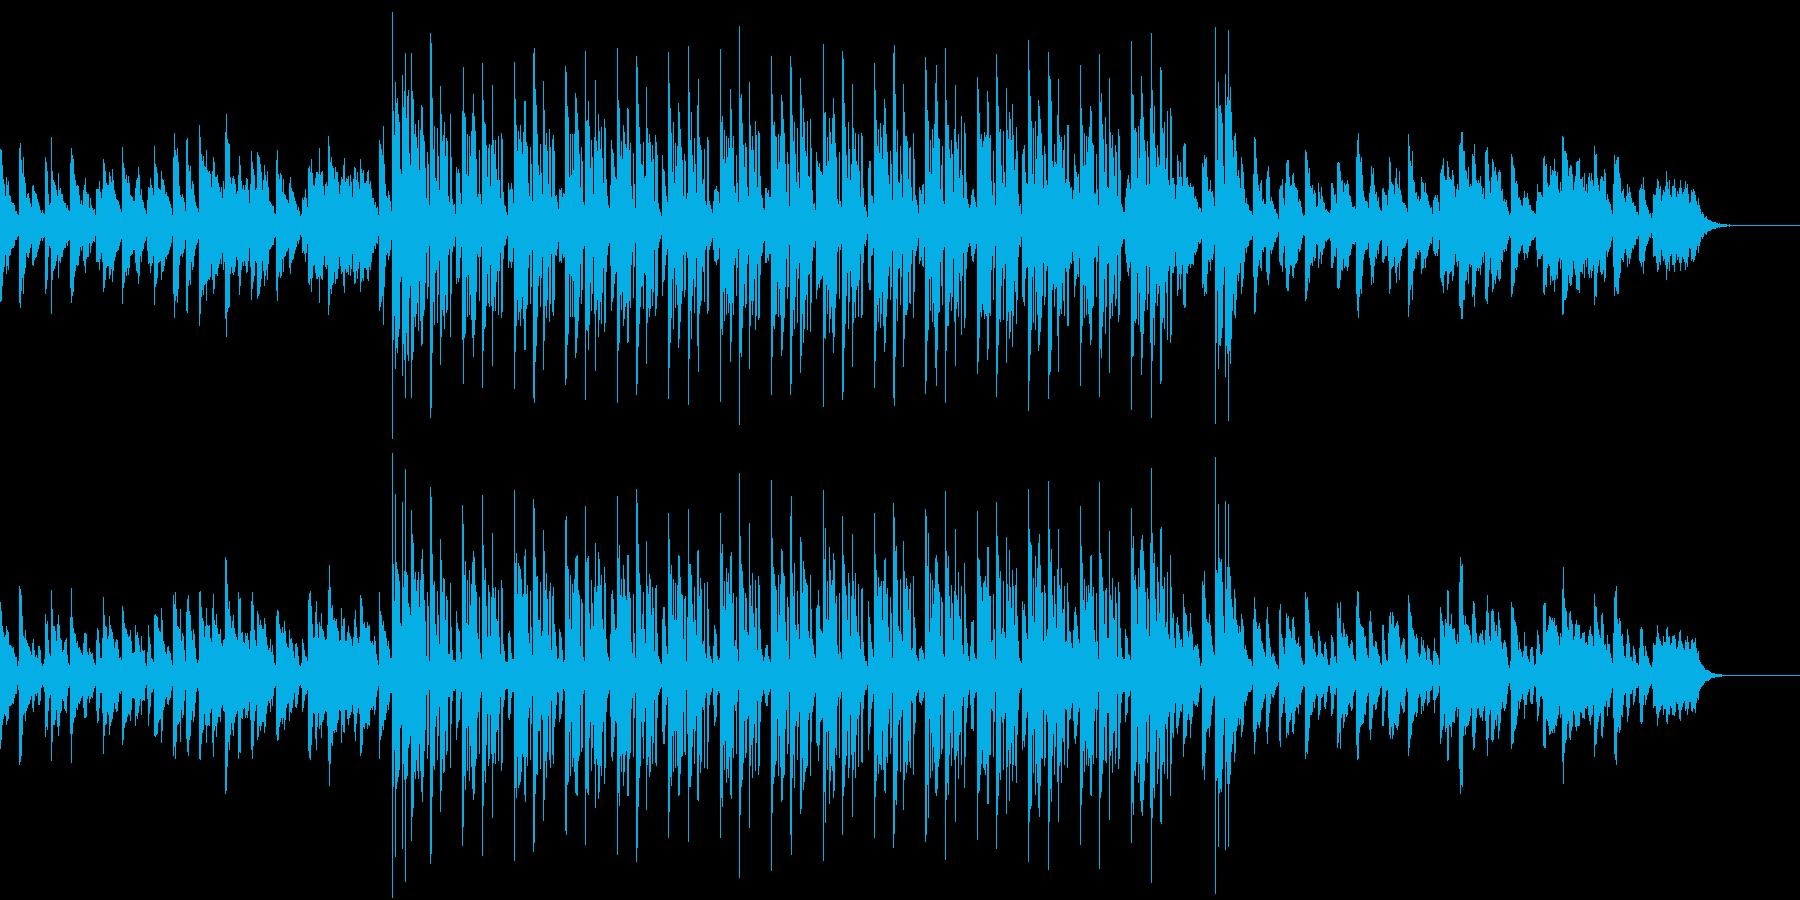 静かな音色の中にも訴えかける旋律のR&Bの再生済みの波形